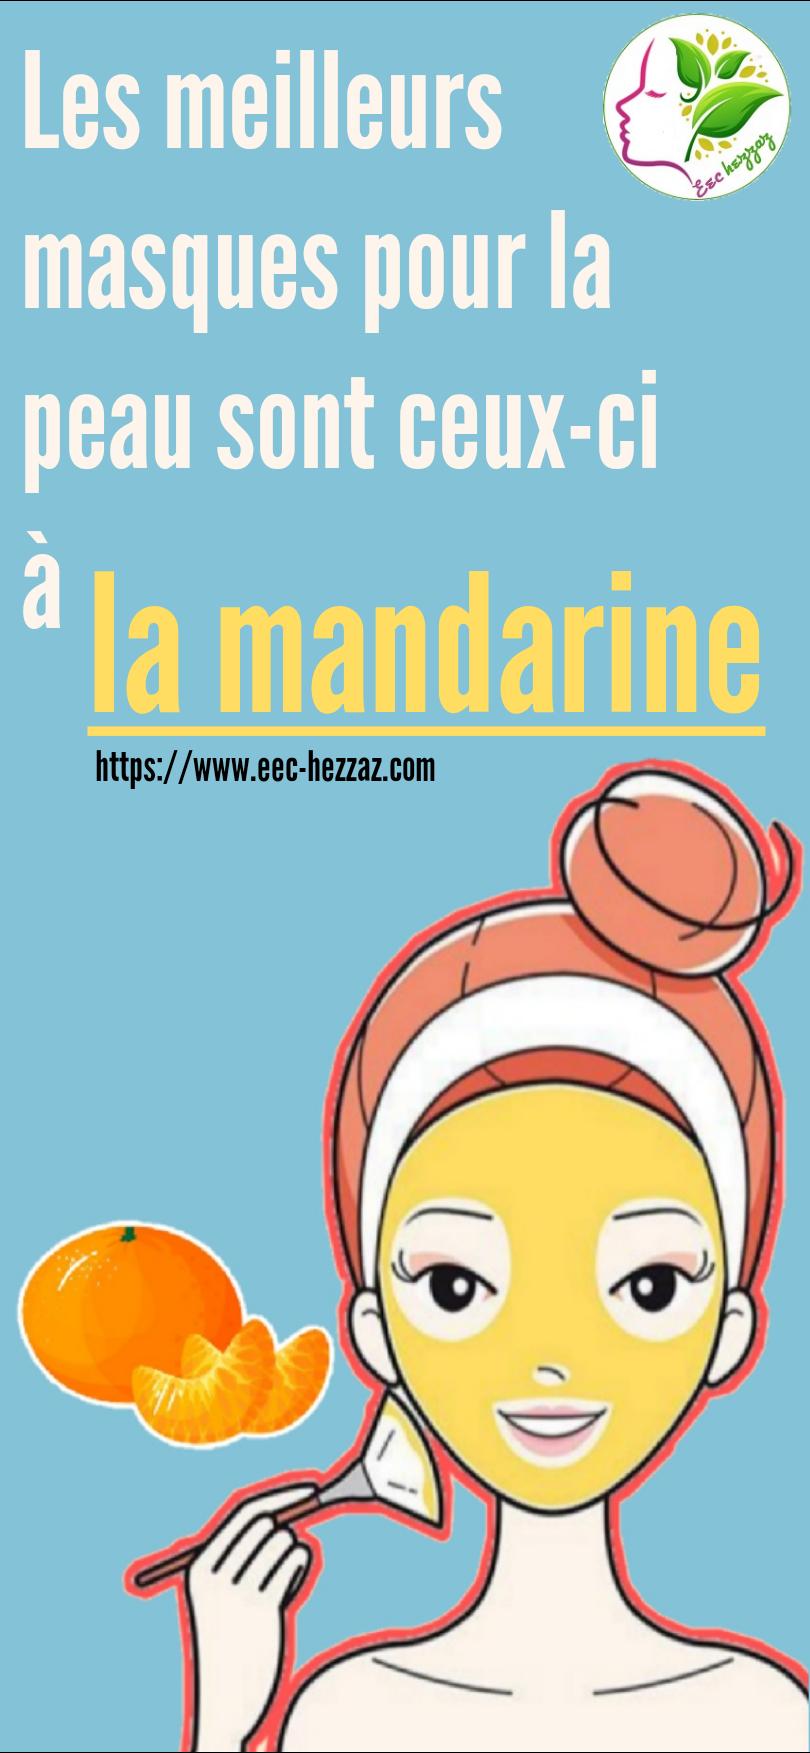 Les meilleurs masques pour la peau sont ceux-ci à la mandarineLes meilleurs masques pour la peau sont ceux-ci à la mandarine